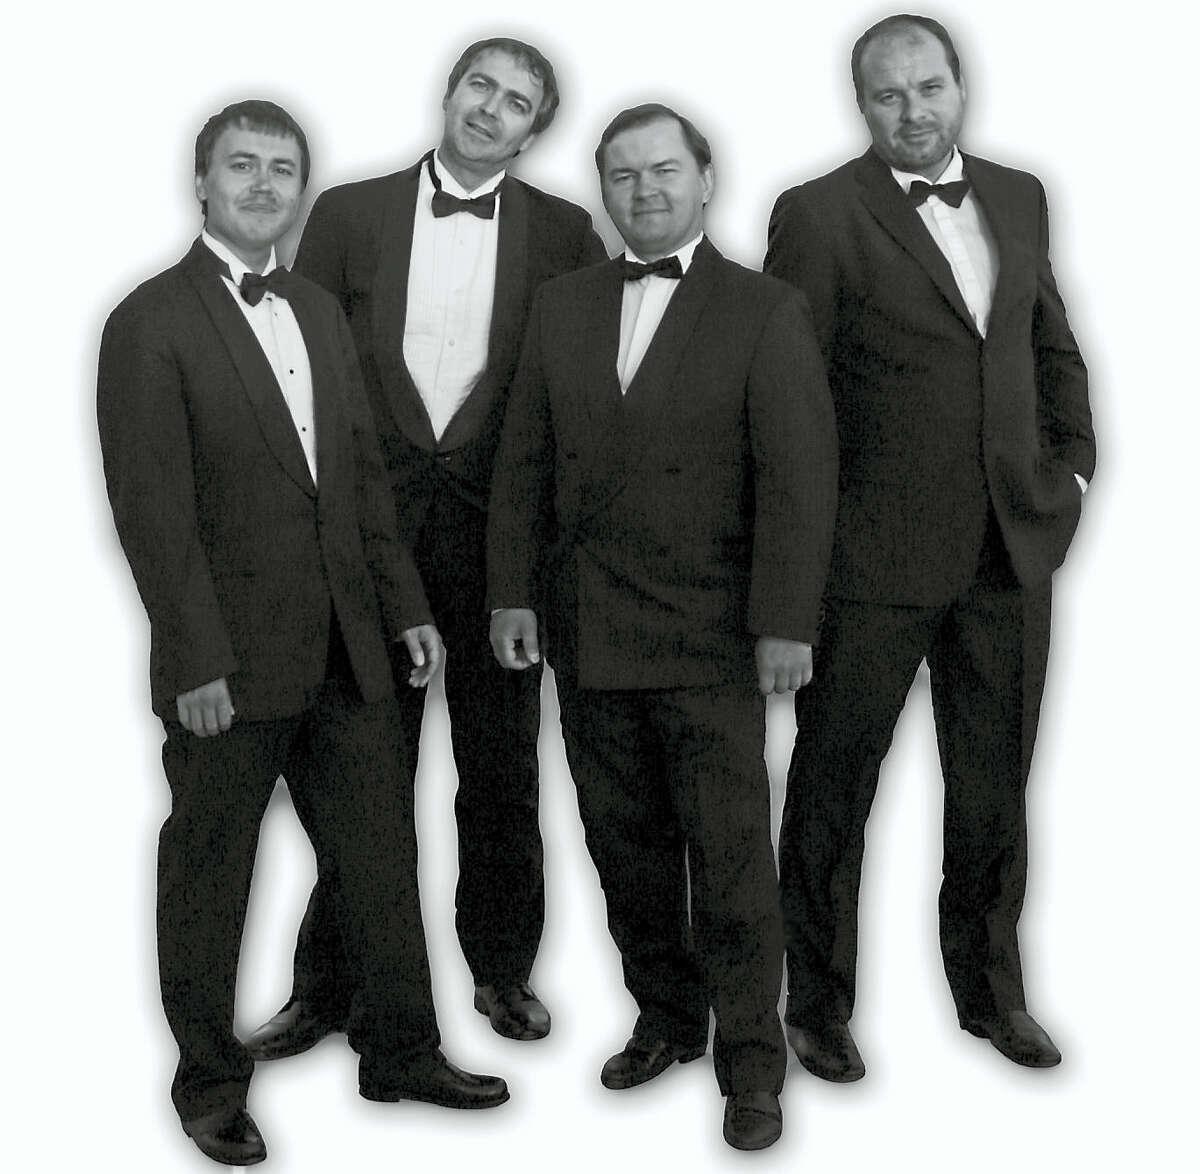 The St. Petersburg Men's Ensemble.